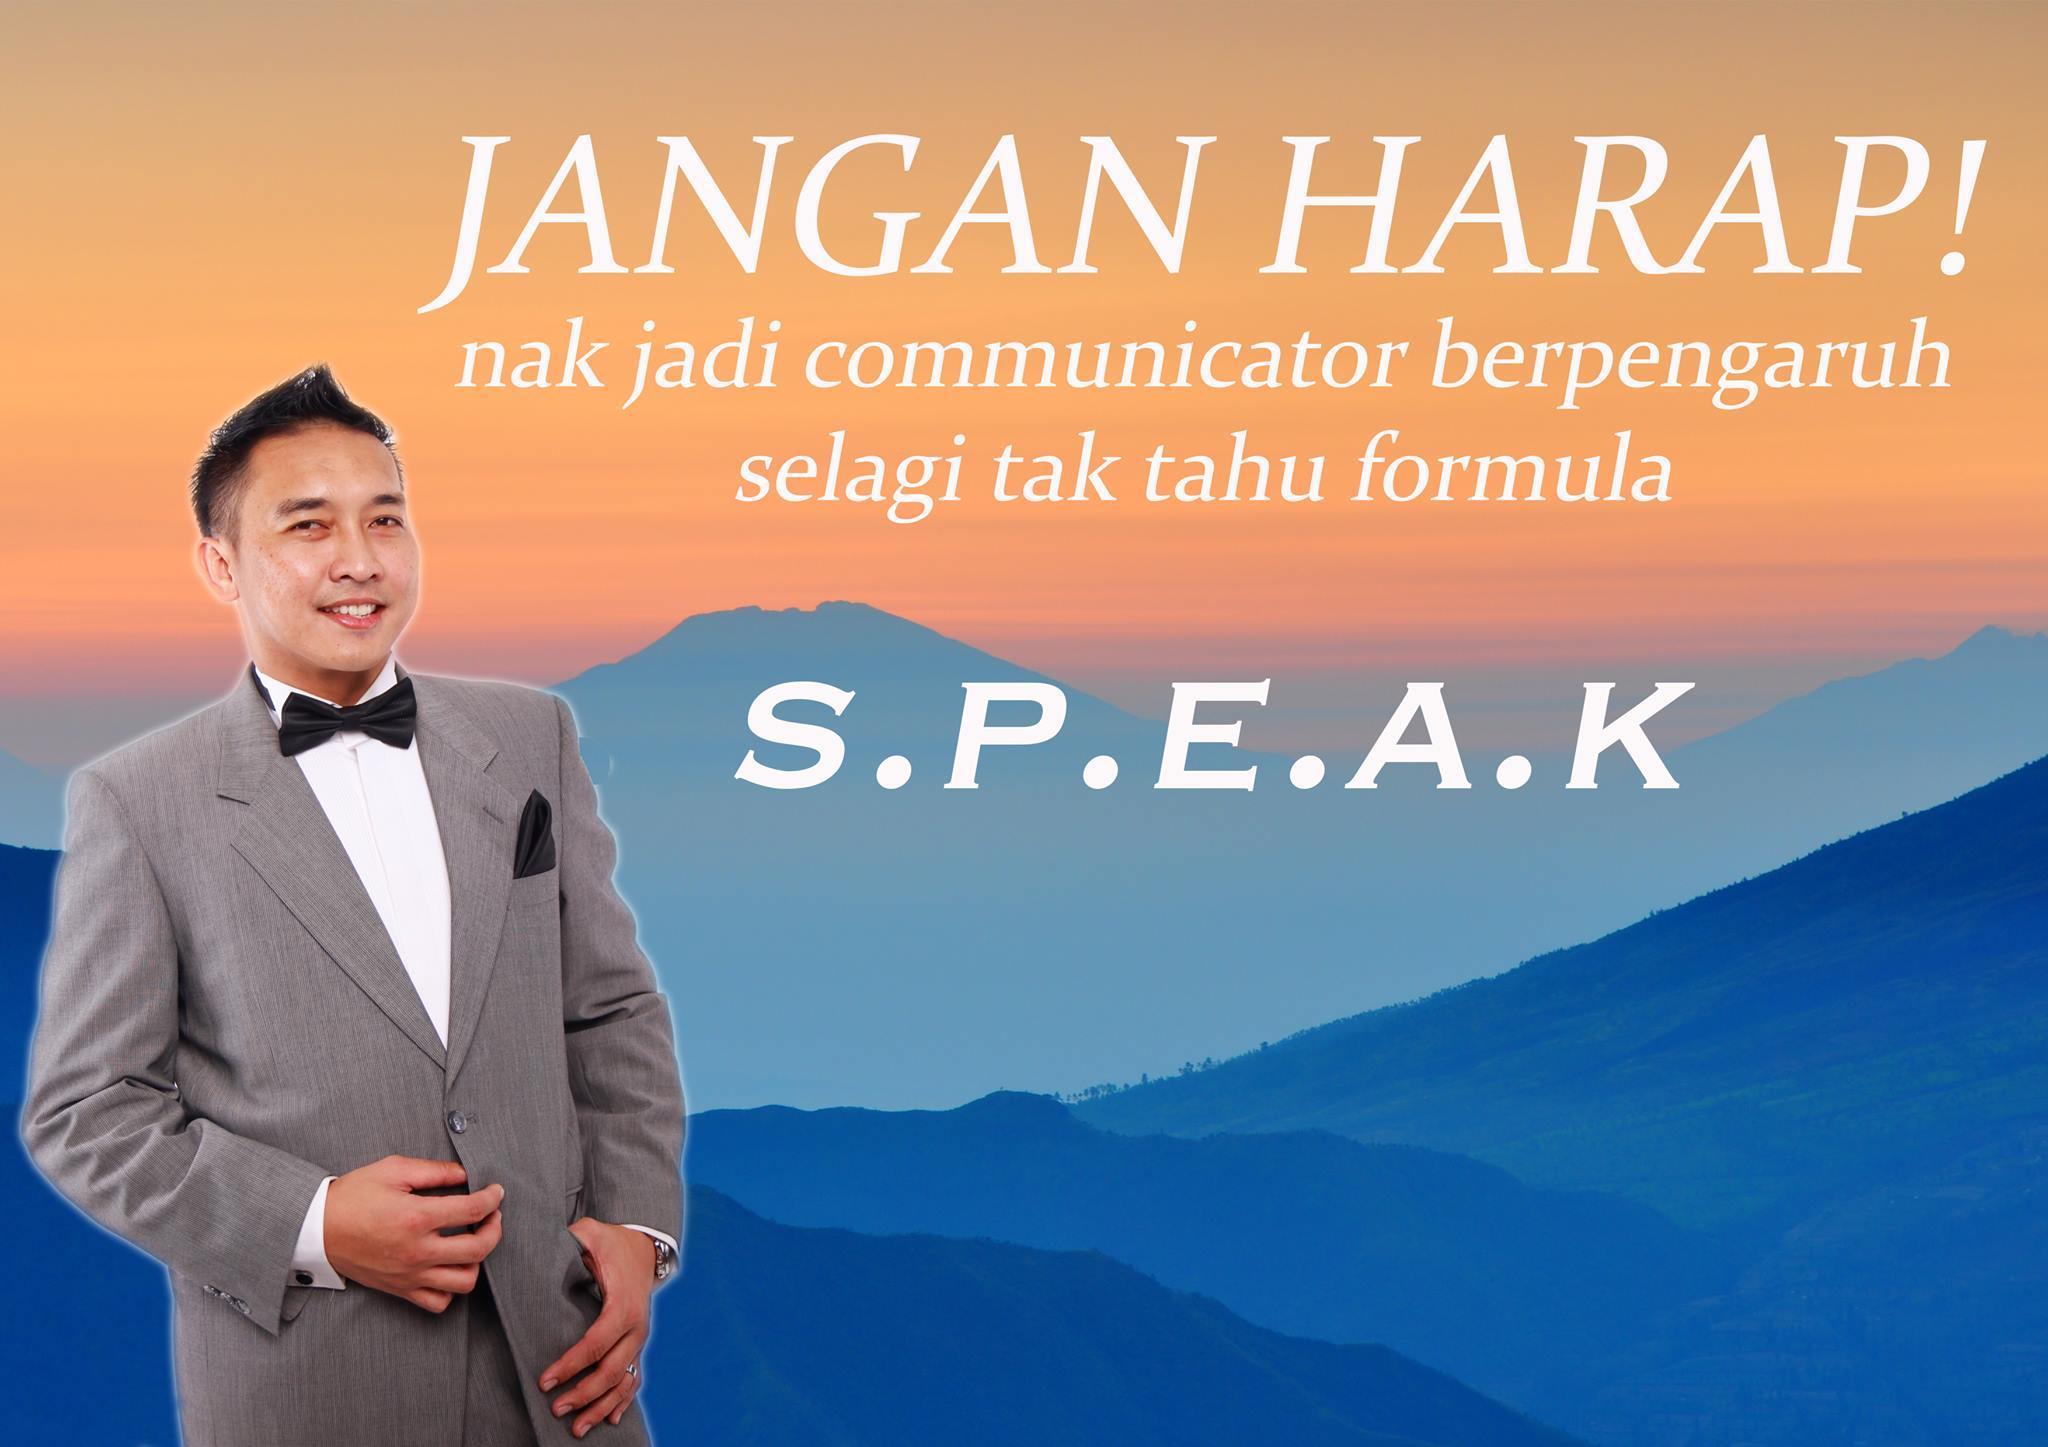 JANGAN HARAP NAK JADI COMMUNICATOR BERPENGARUH SELAGI TAK TAHU FORMULA S.P.E.A.K!!